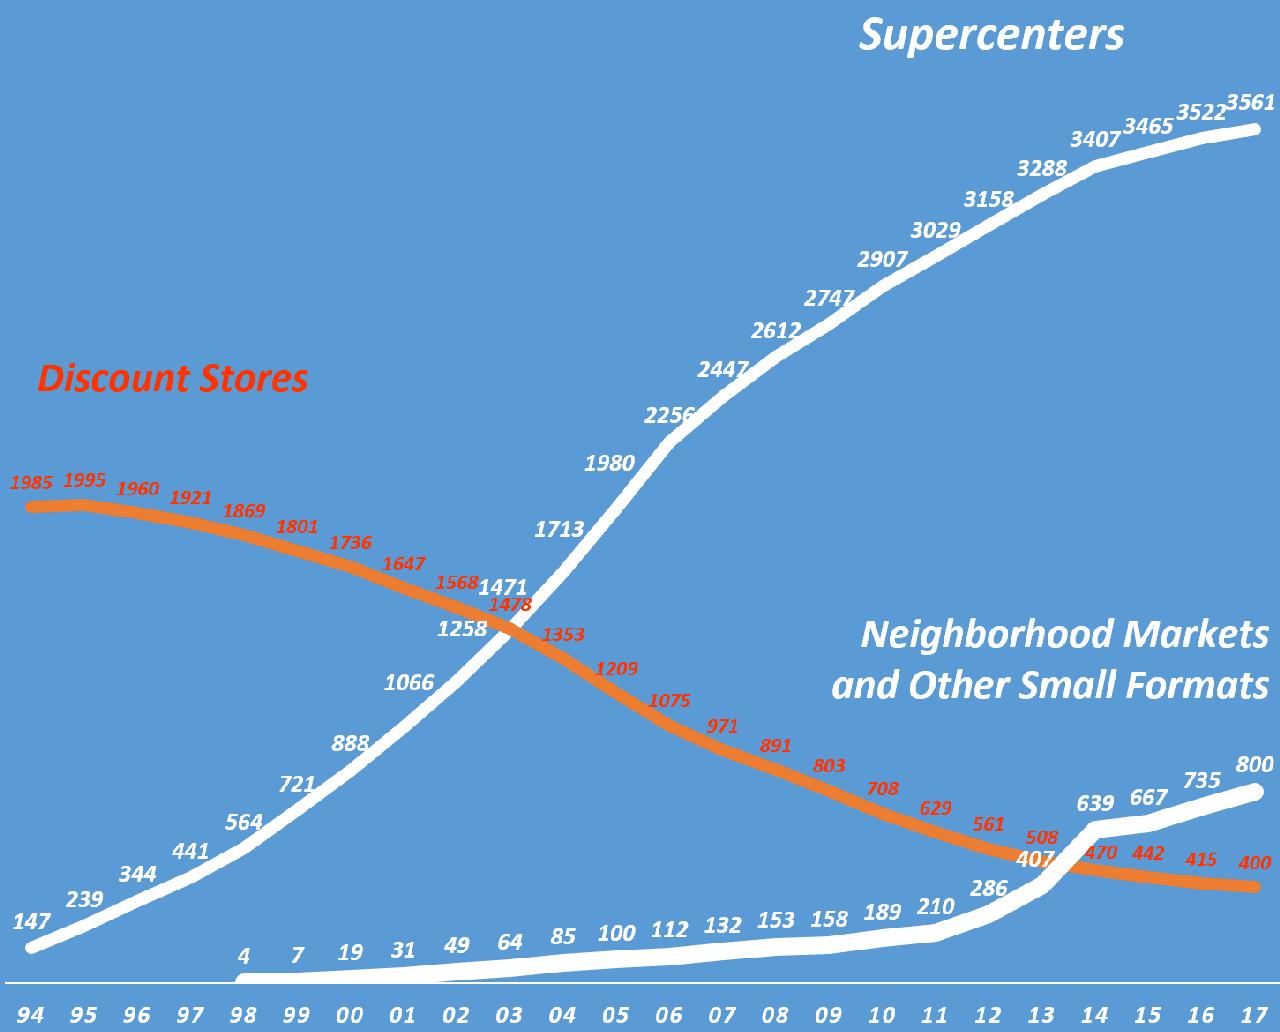 월마트매장 형태별 매장 수 추이, 회계년도를 캘린더 이어로 환산(즉 '17년은 '18년 1월 기준 임), Graph by Happist